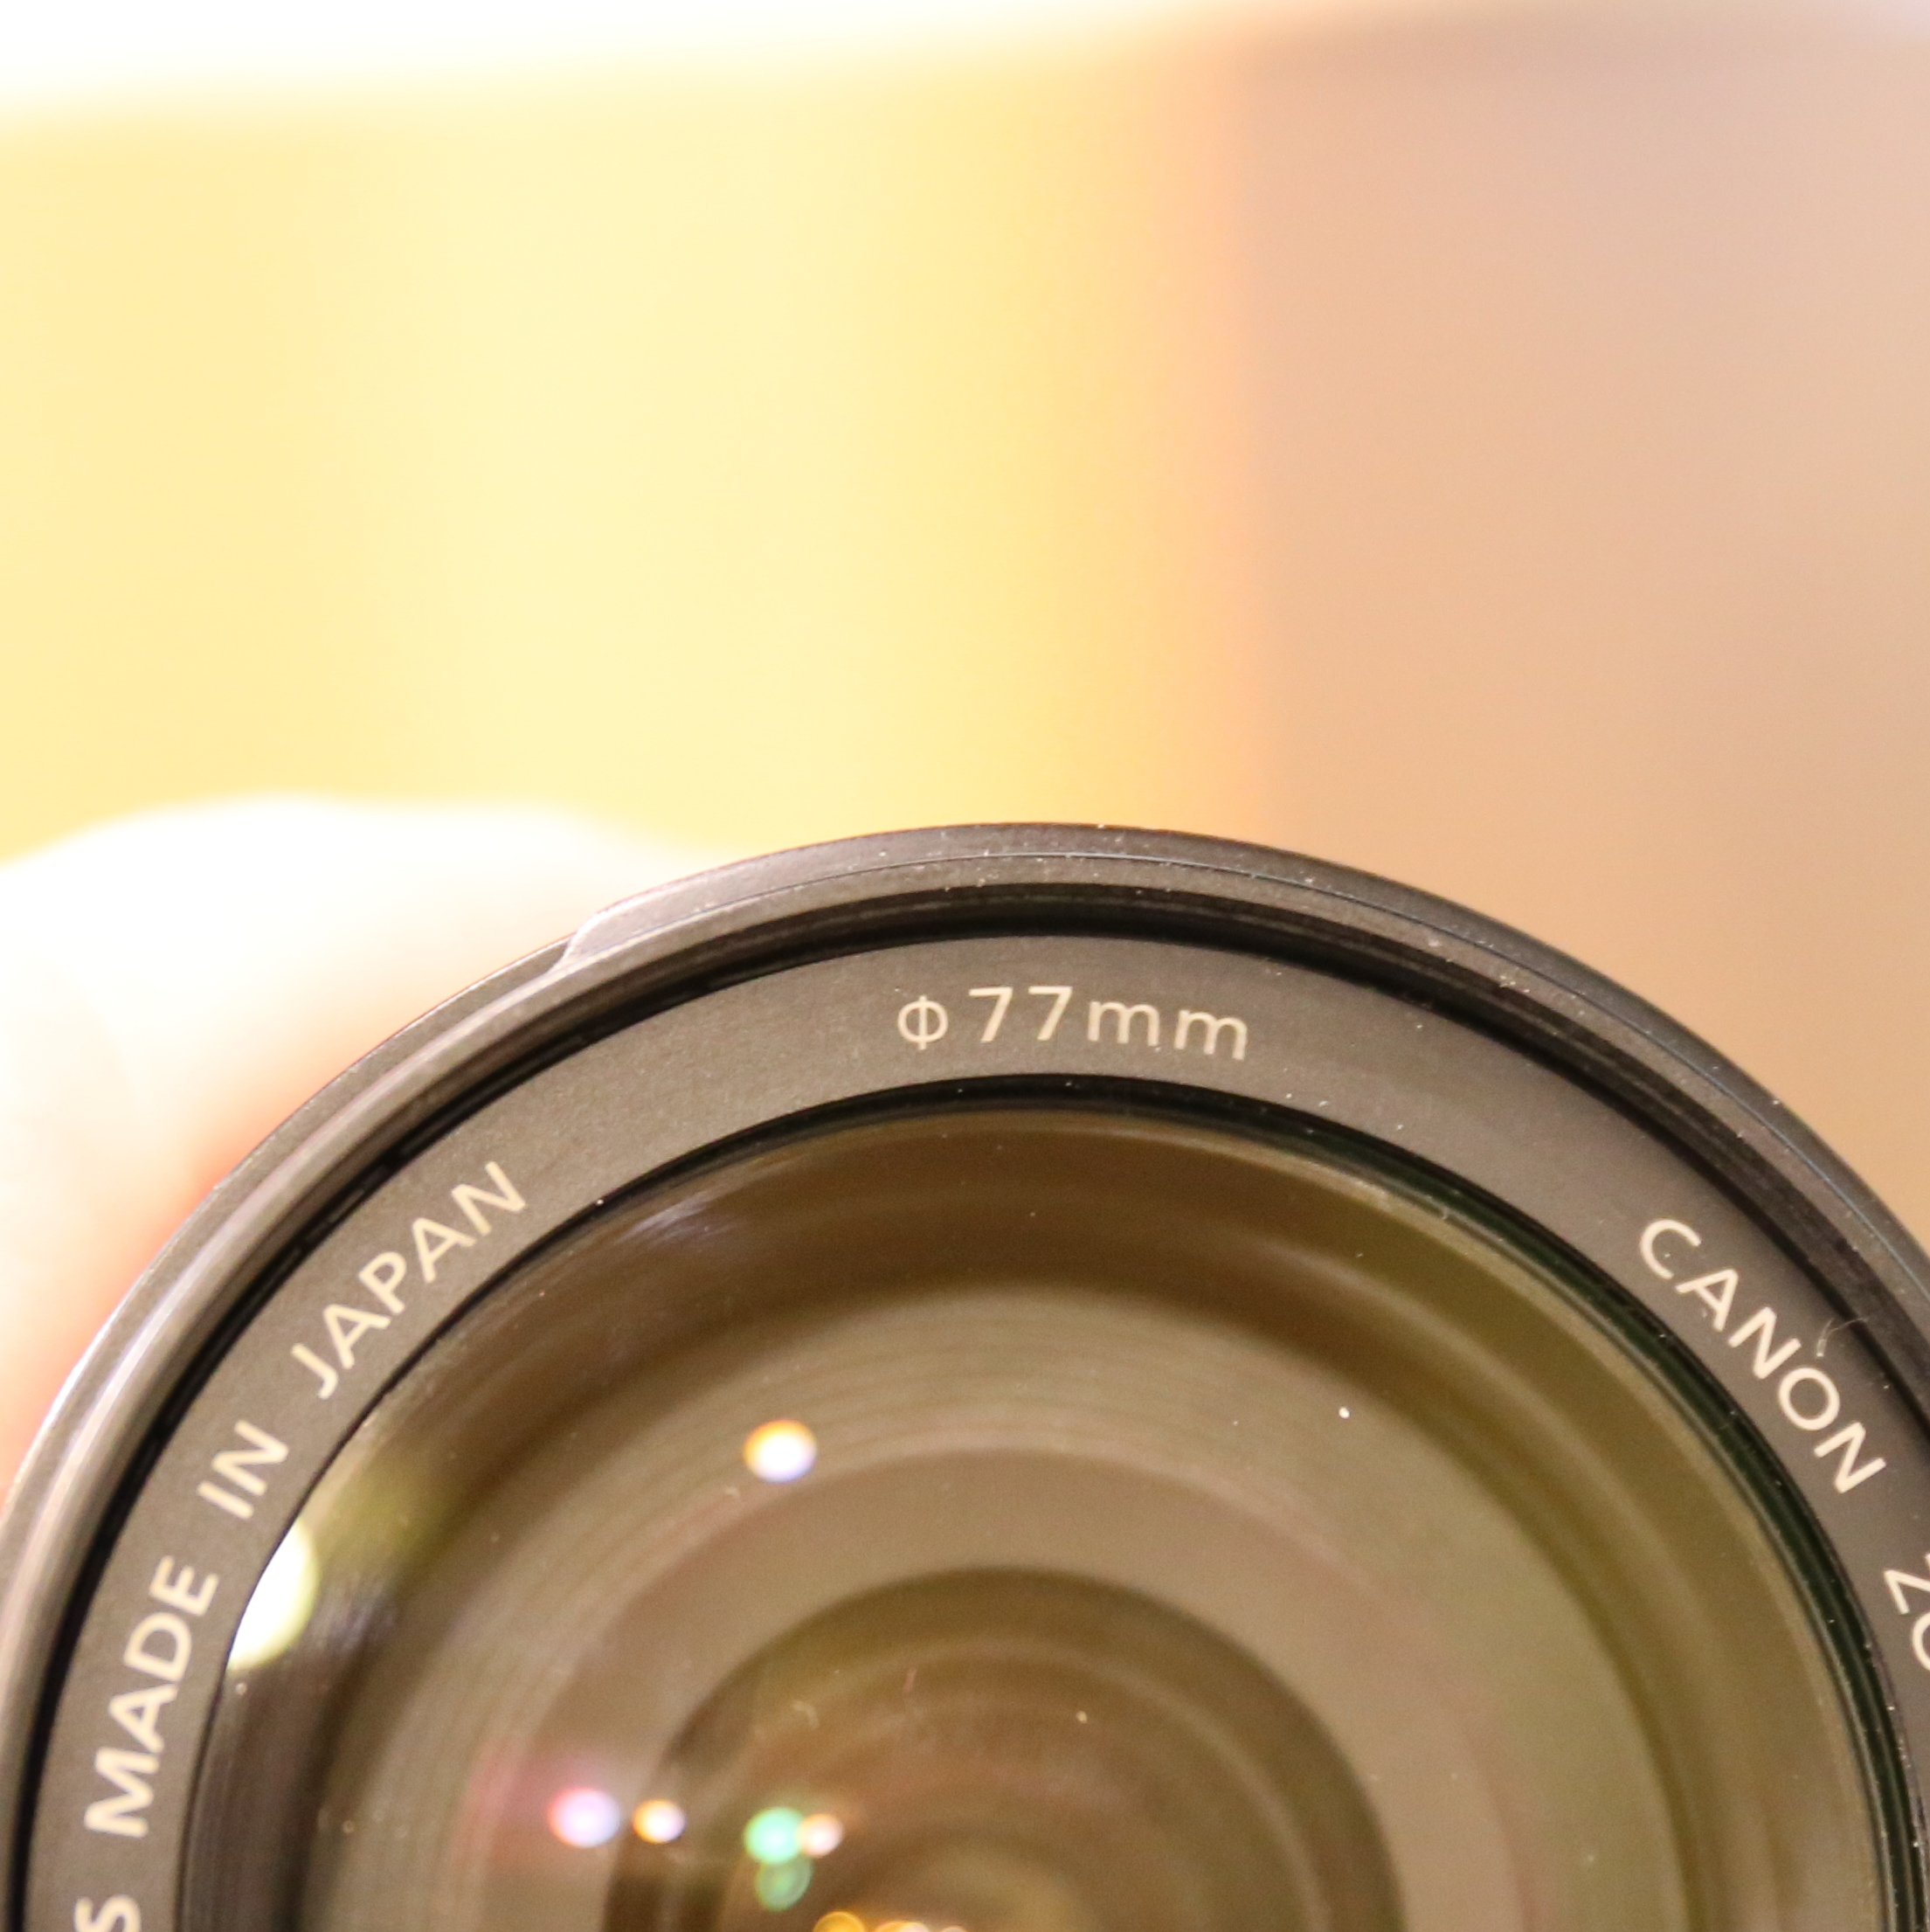 большинство мужчин значение цифр на объективе фотоаппарата аниме любовь доступна